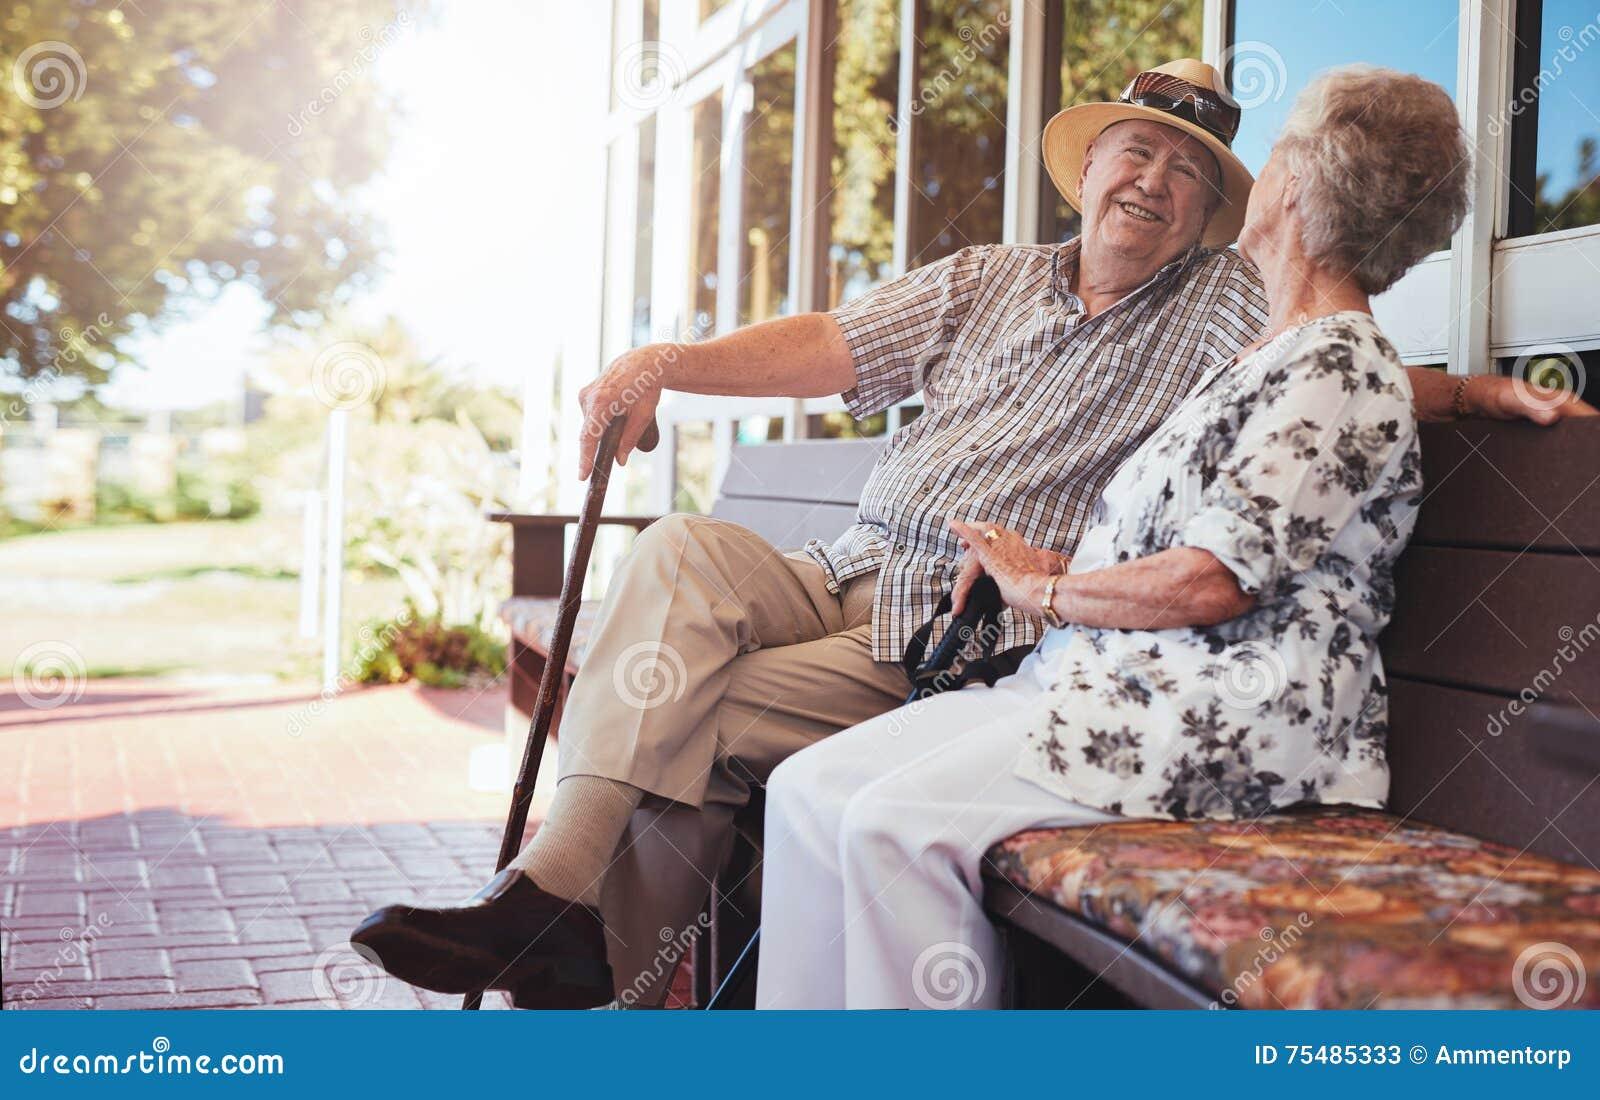 放松在长凳的愉快的资深夫妇他们的房子外